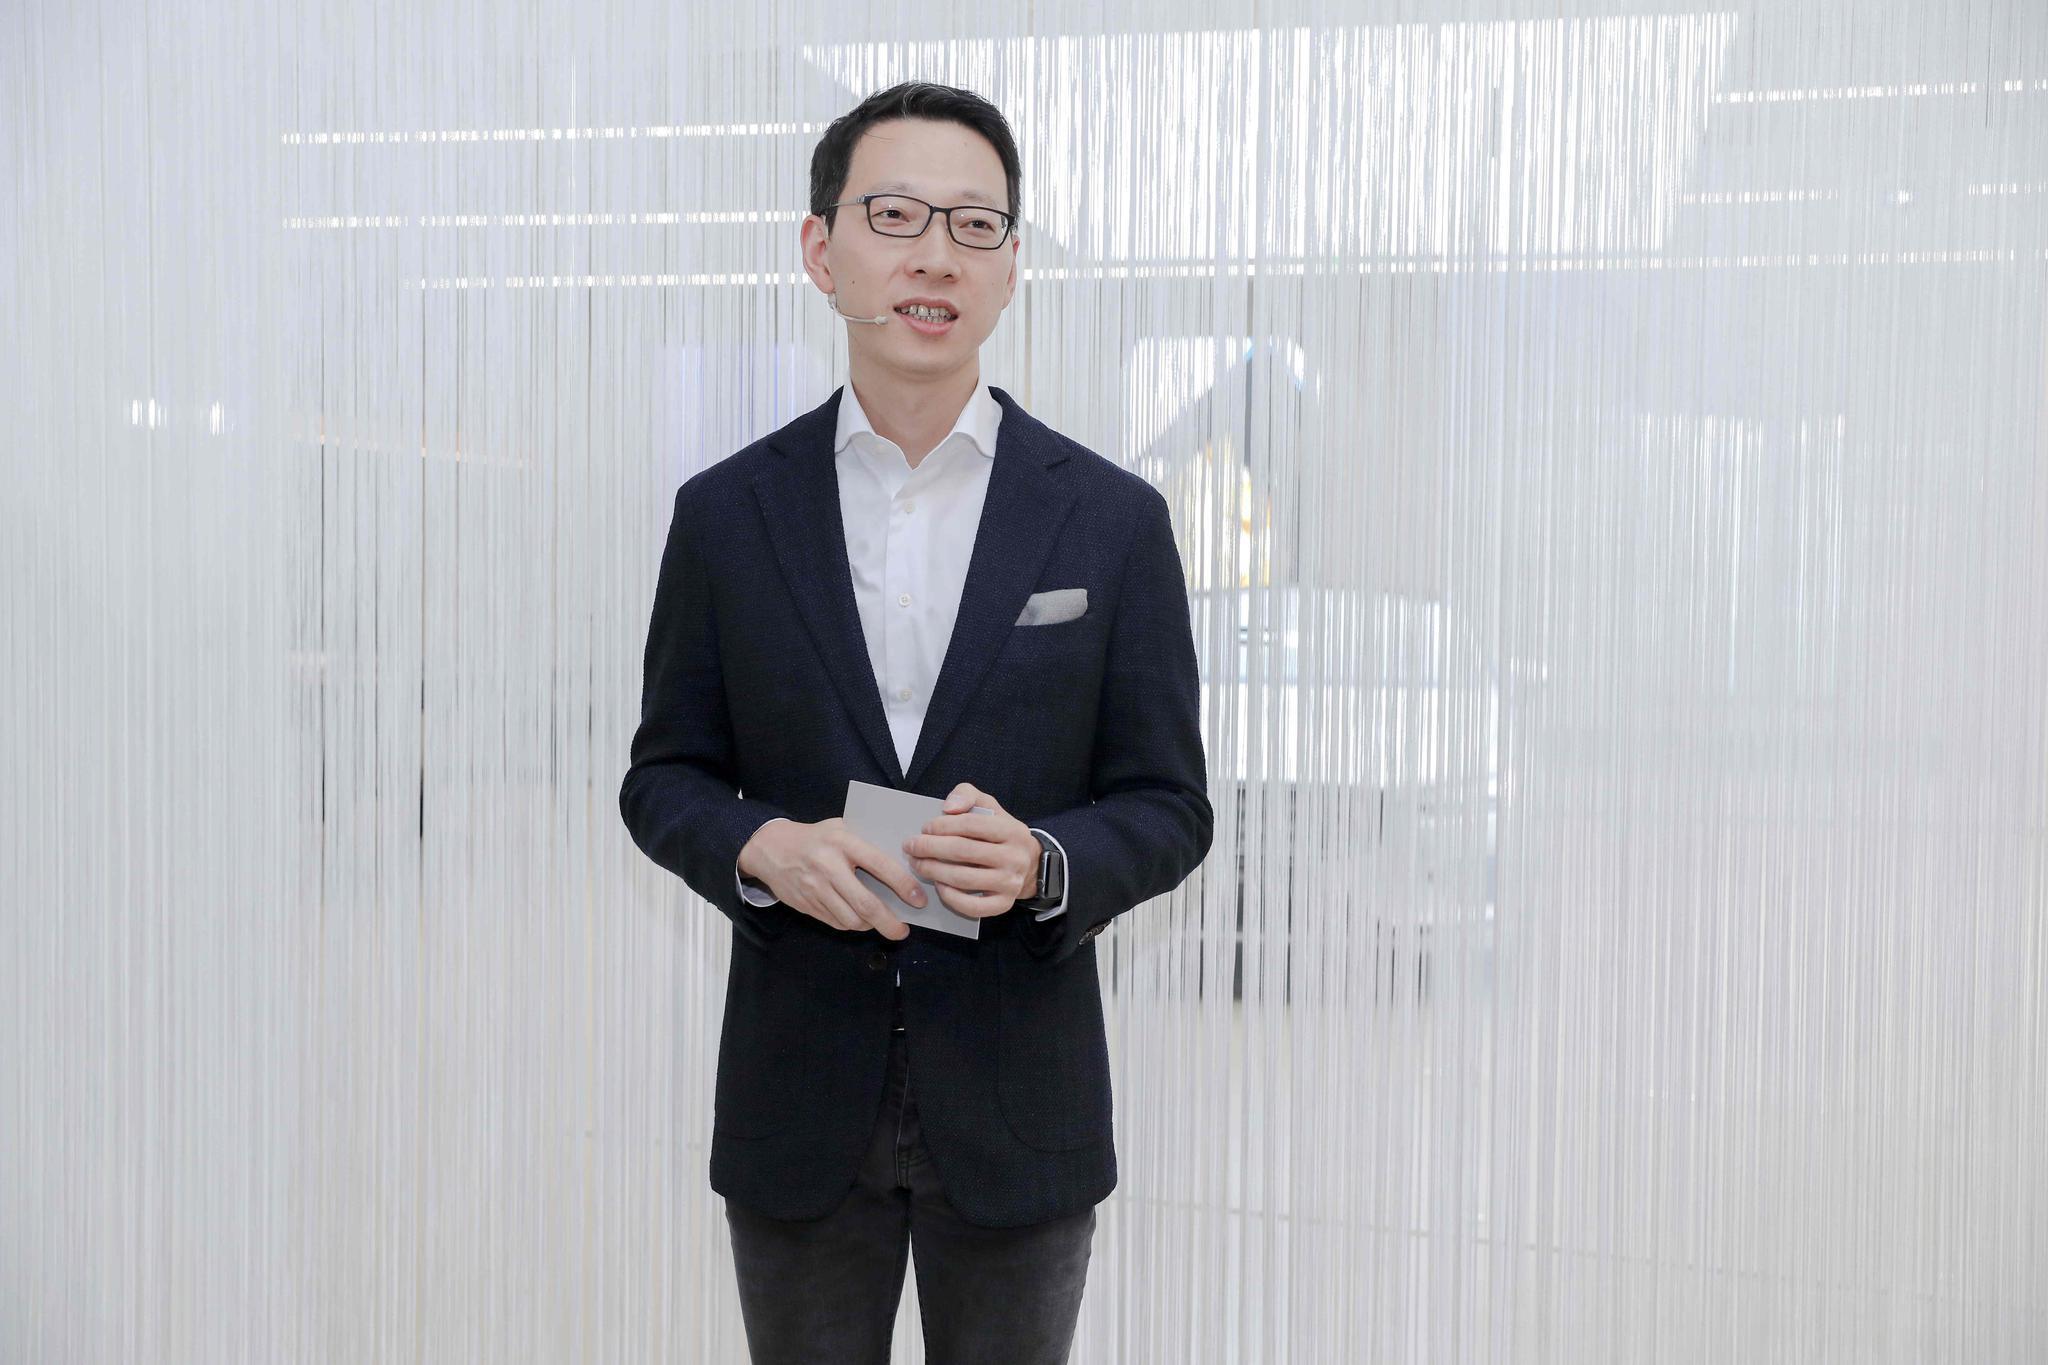 设计、新零售与灵魂伴侣 全球首家Polestar艺术空间落地北京